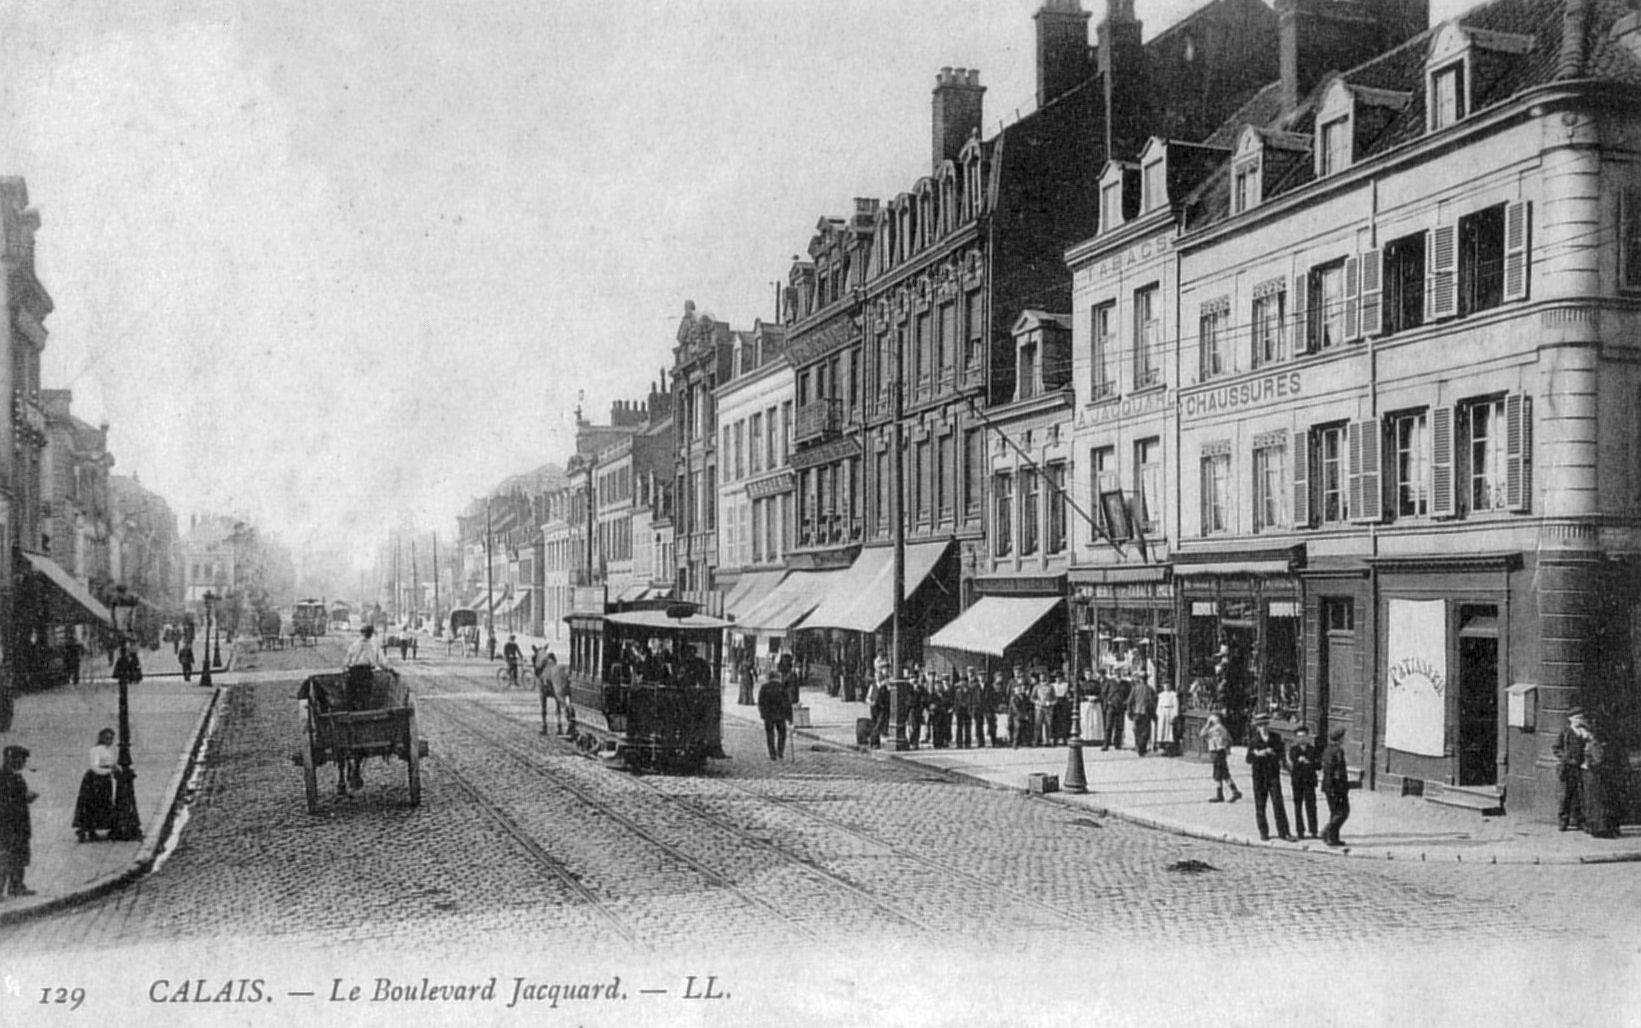 Le Boulevard Jacquard En Cartes Postales